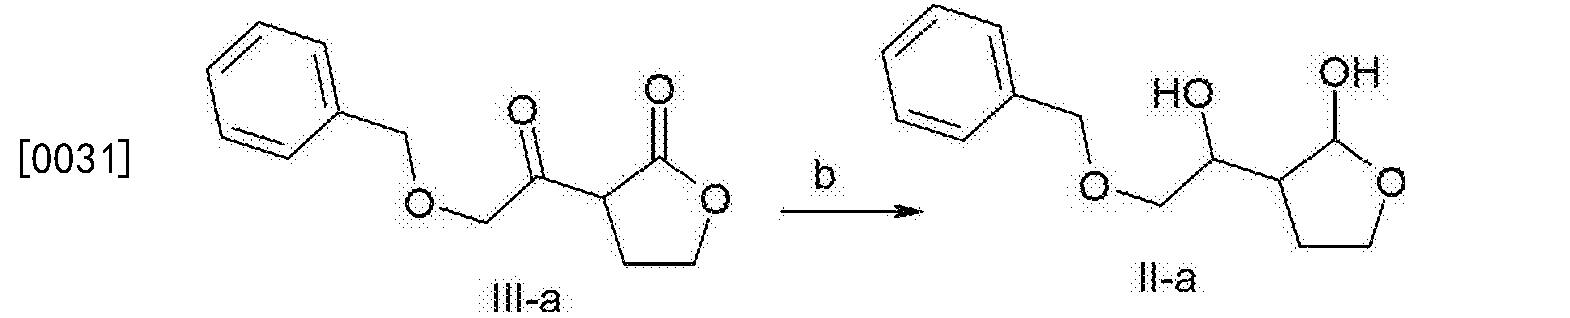 Figure CN103864813BD00052